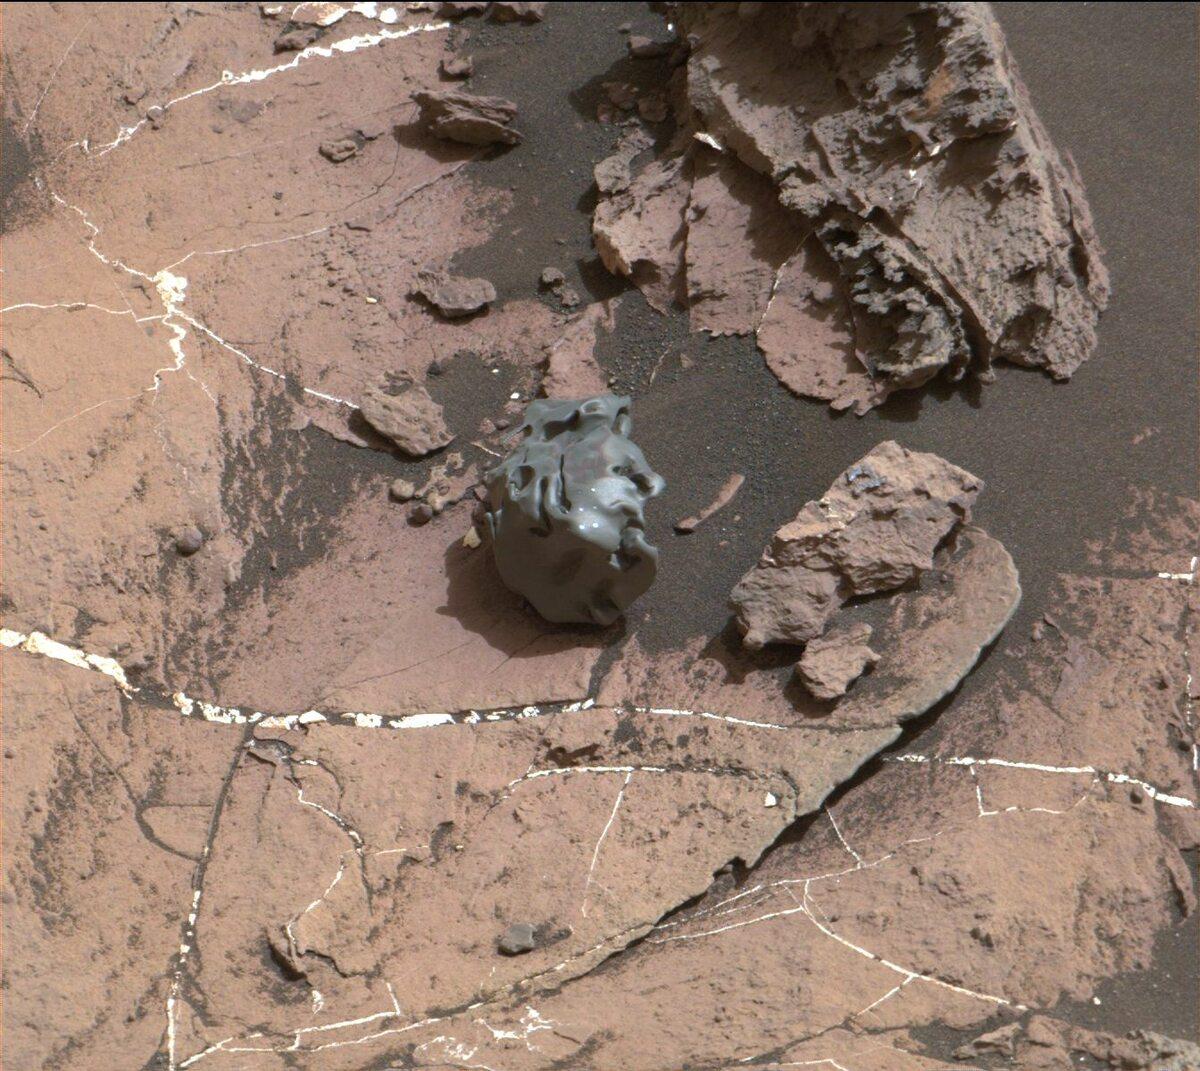 Meteoryt znaleziony na Marsie przez Curiosity